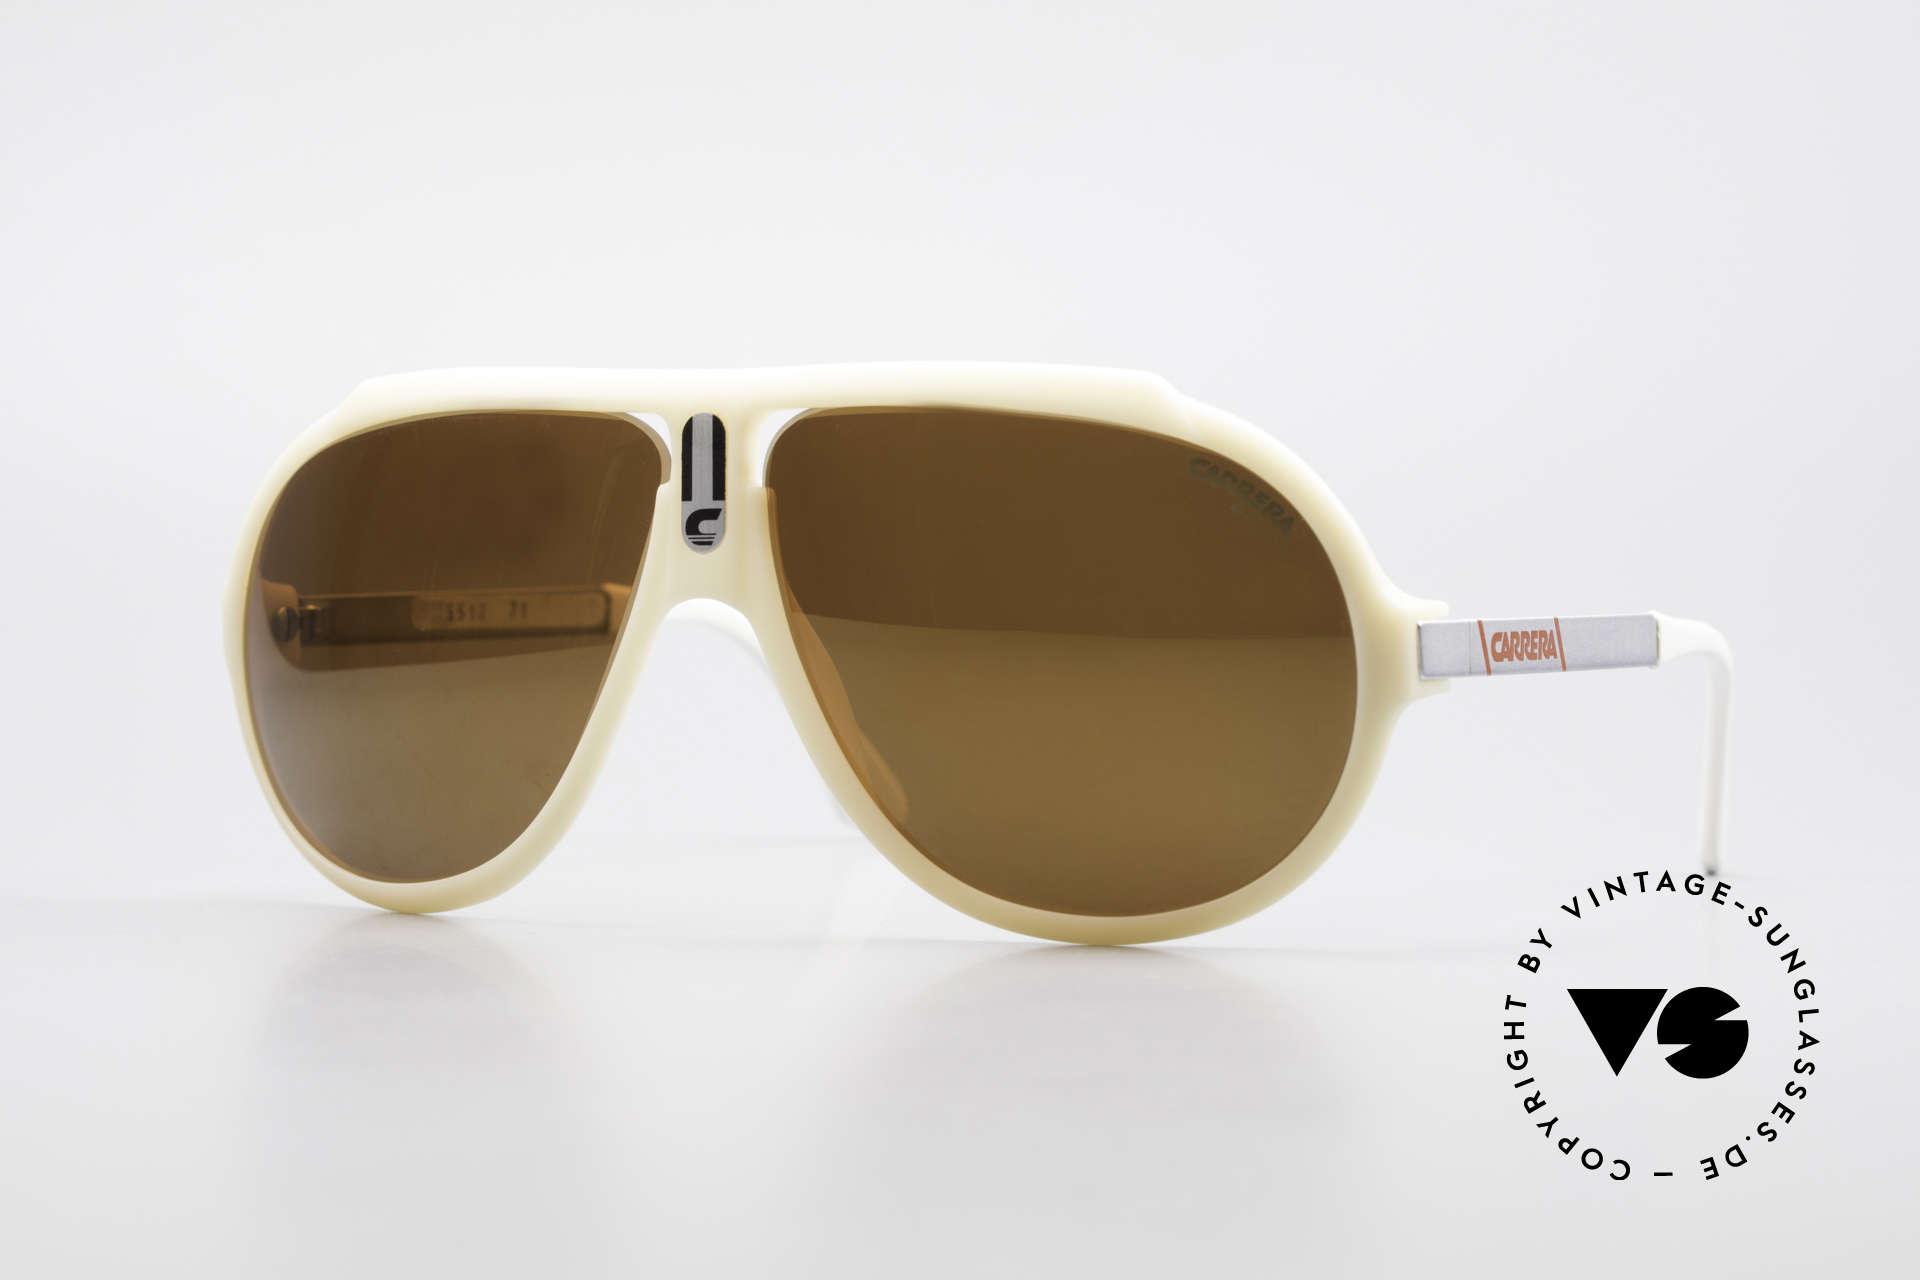 Carrera 5512 Miami Vice Brille Don Johnson, berühmte 80er Carrera Filmsonnenbrille; ein Klassiker, Passend für Herren